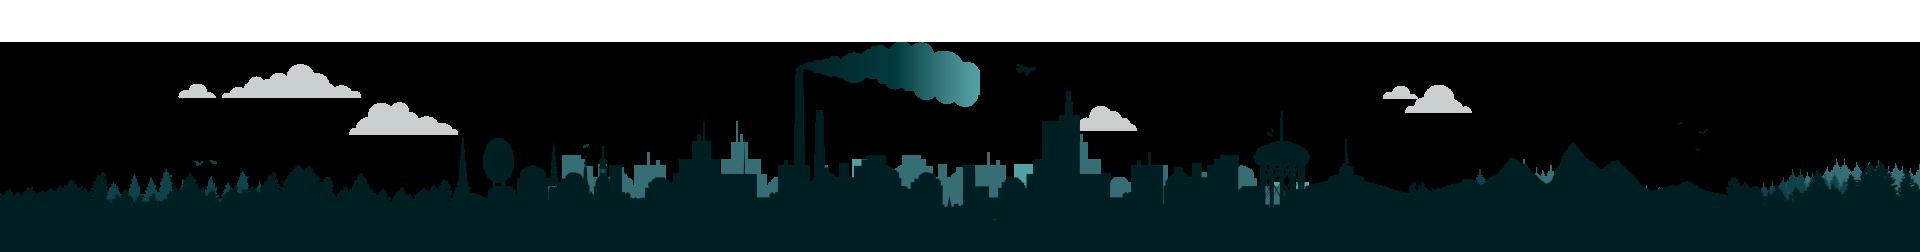 Sudbury Skyline Illustration